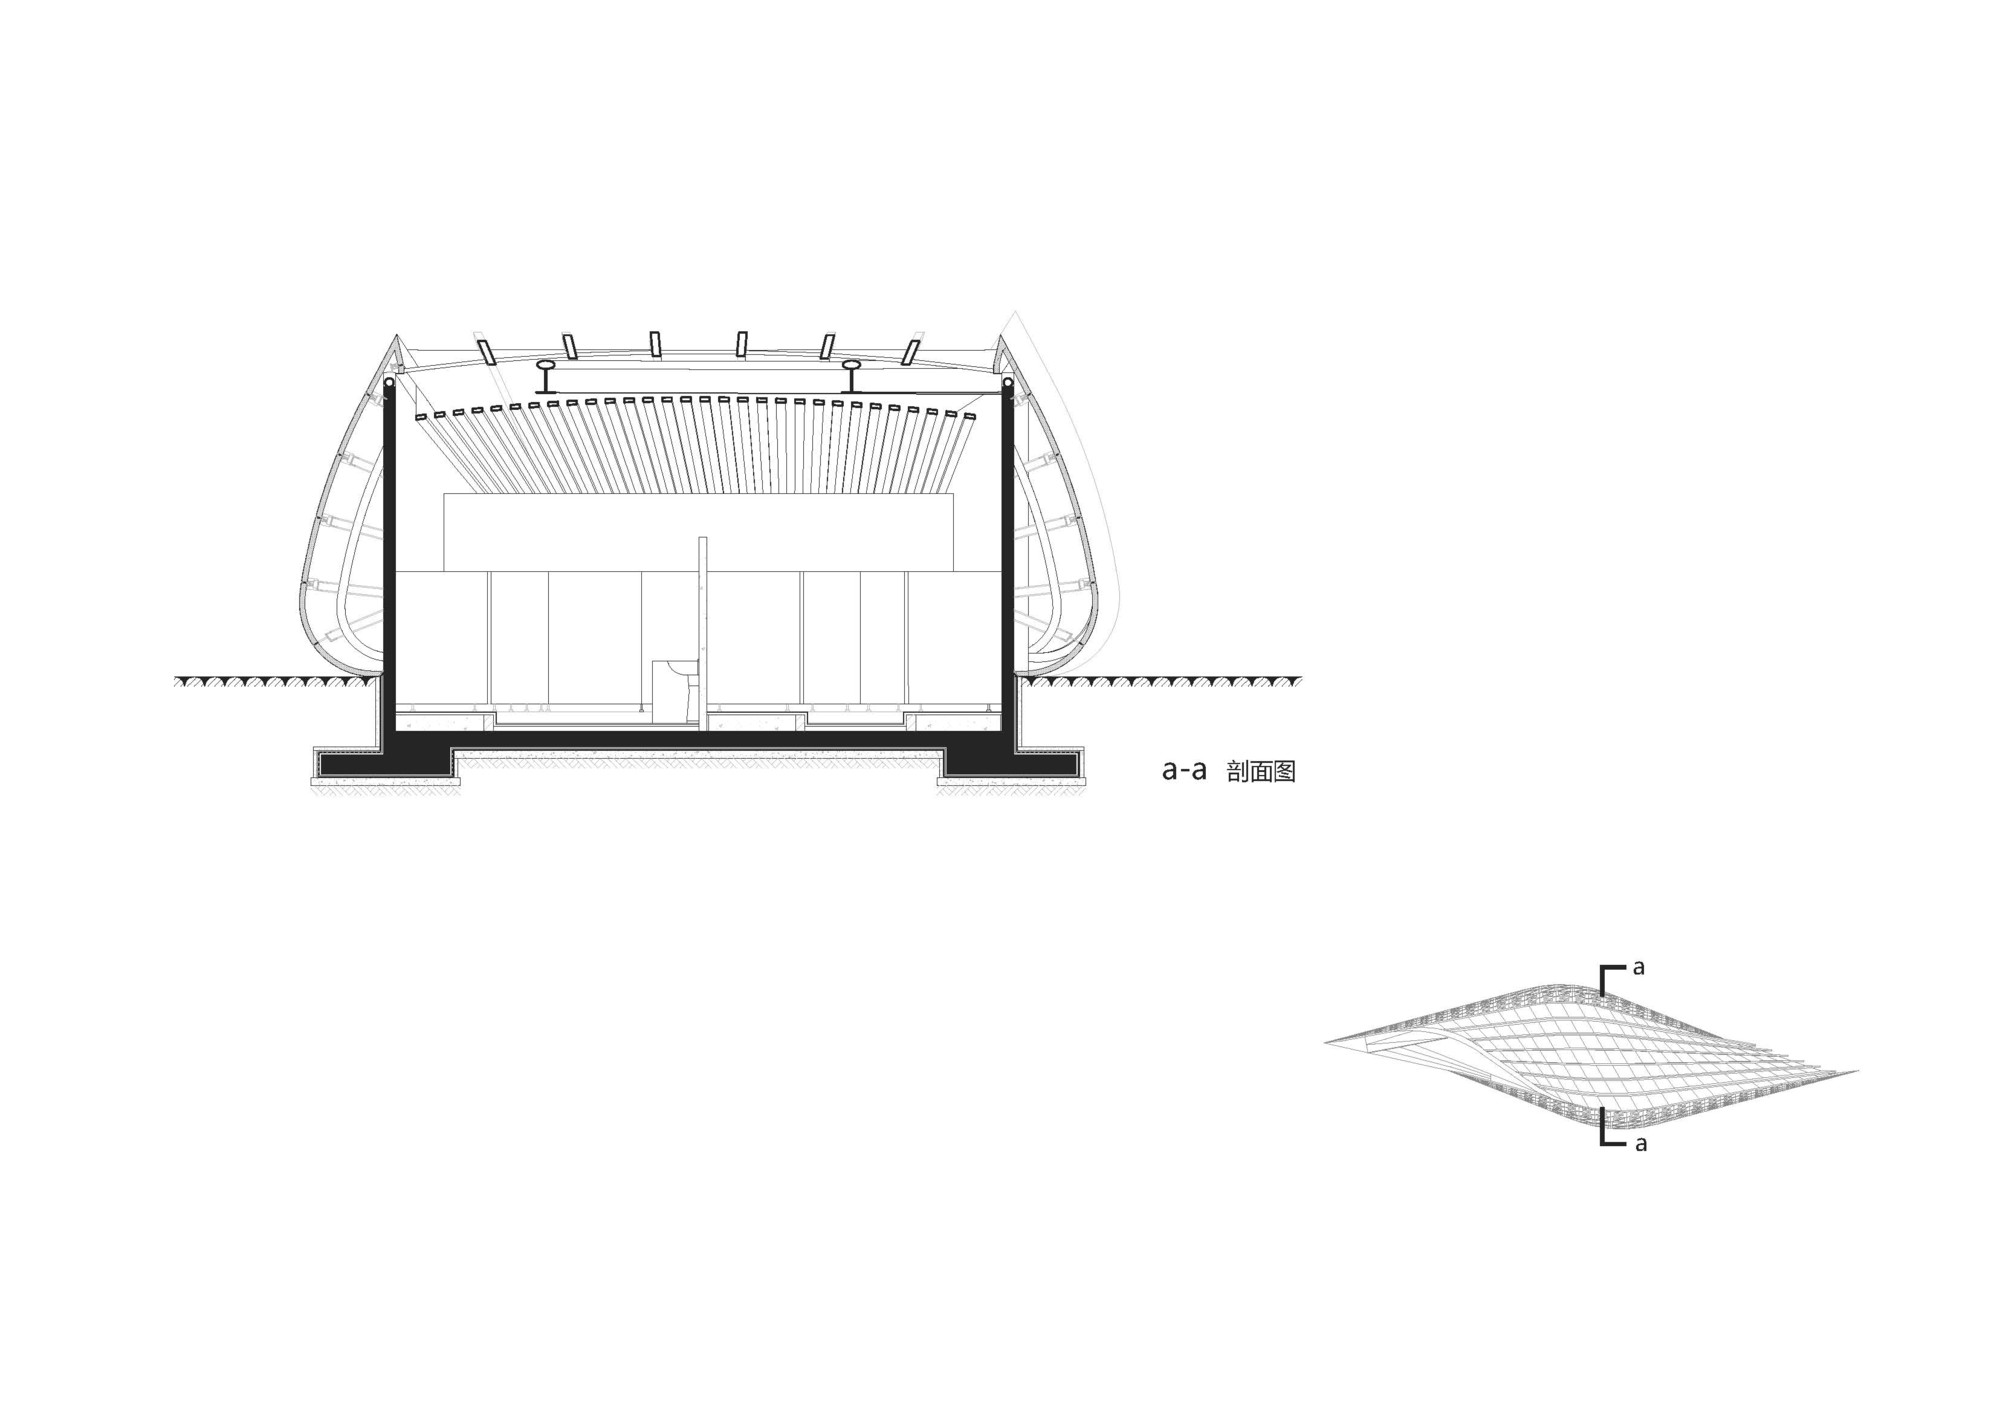 Galeria de Banheiro Público / HHD FUN Architects 24 #1E1E1E 2000 1414